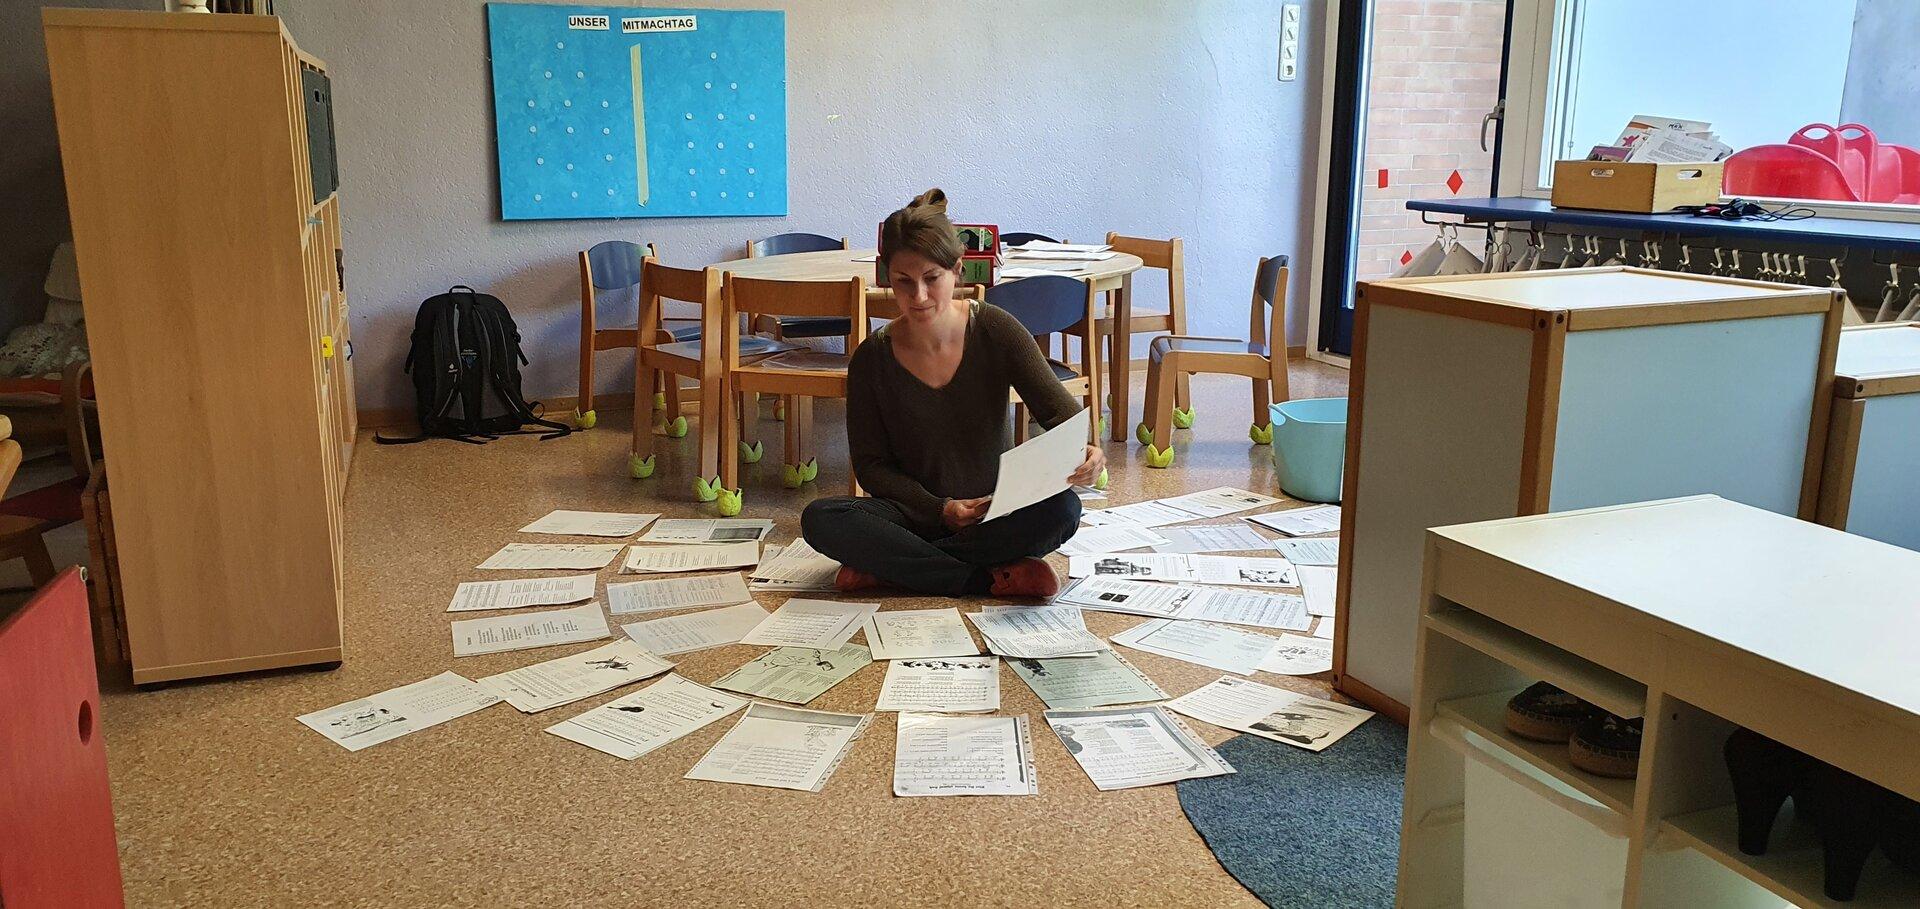 Bild zeigt Erzieherin auf dem Boden sitzend mit vielen Briefen